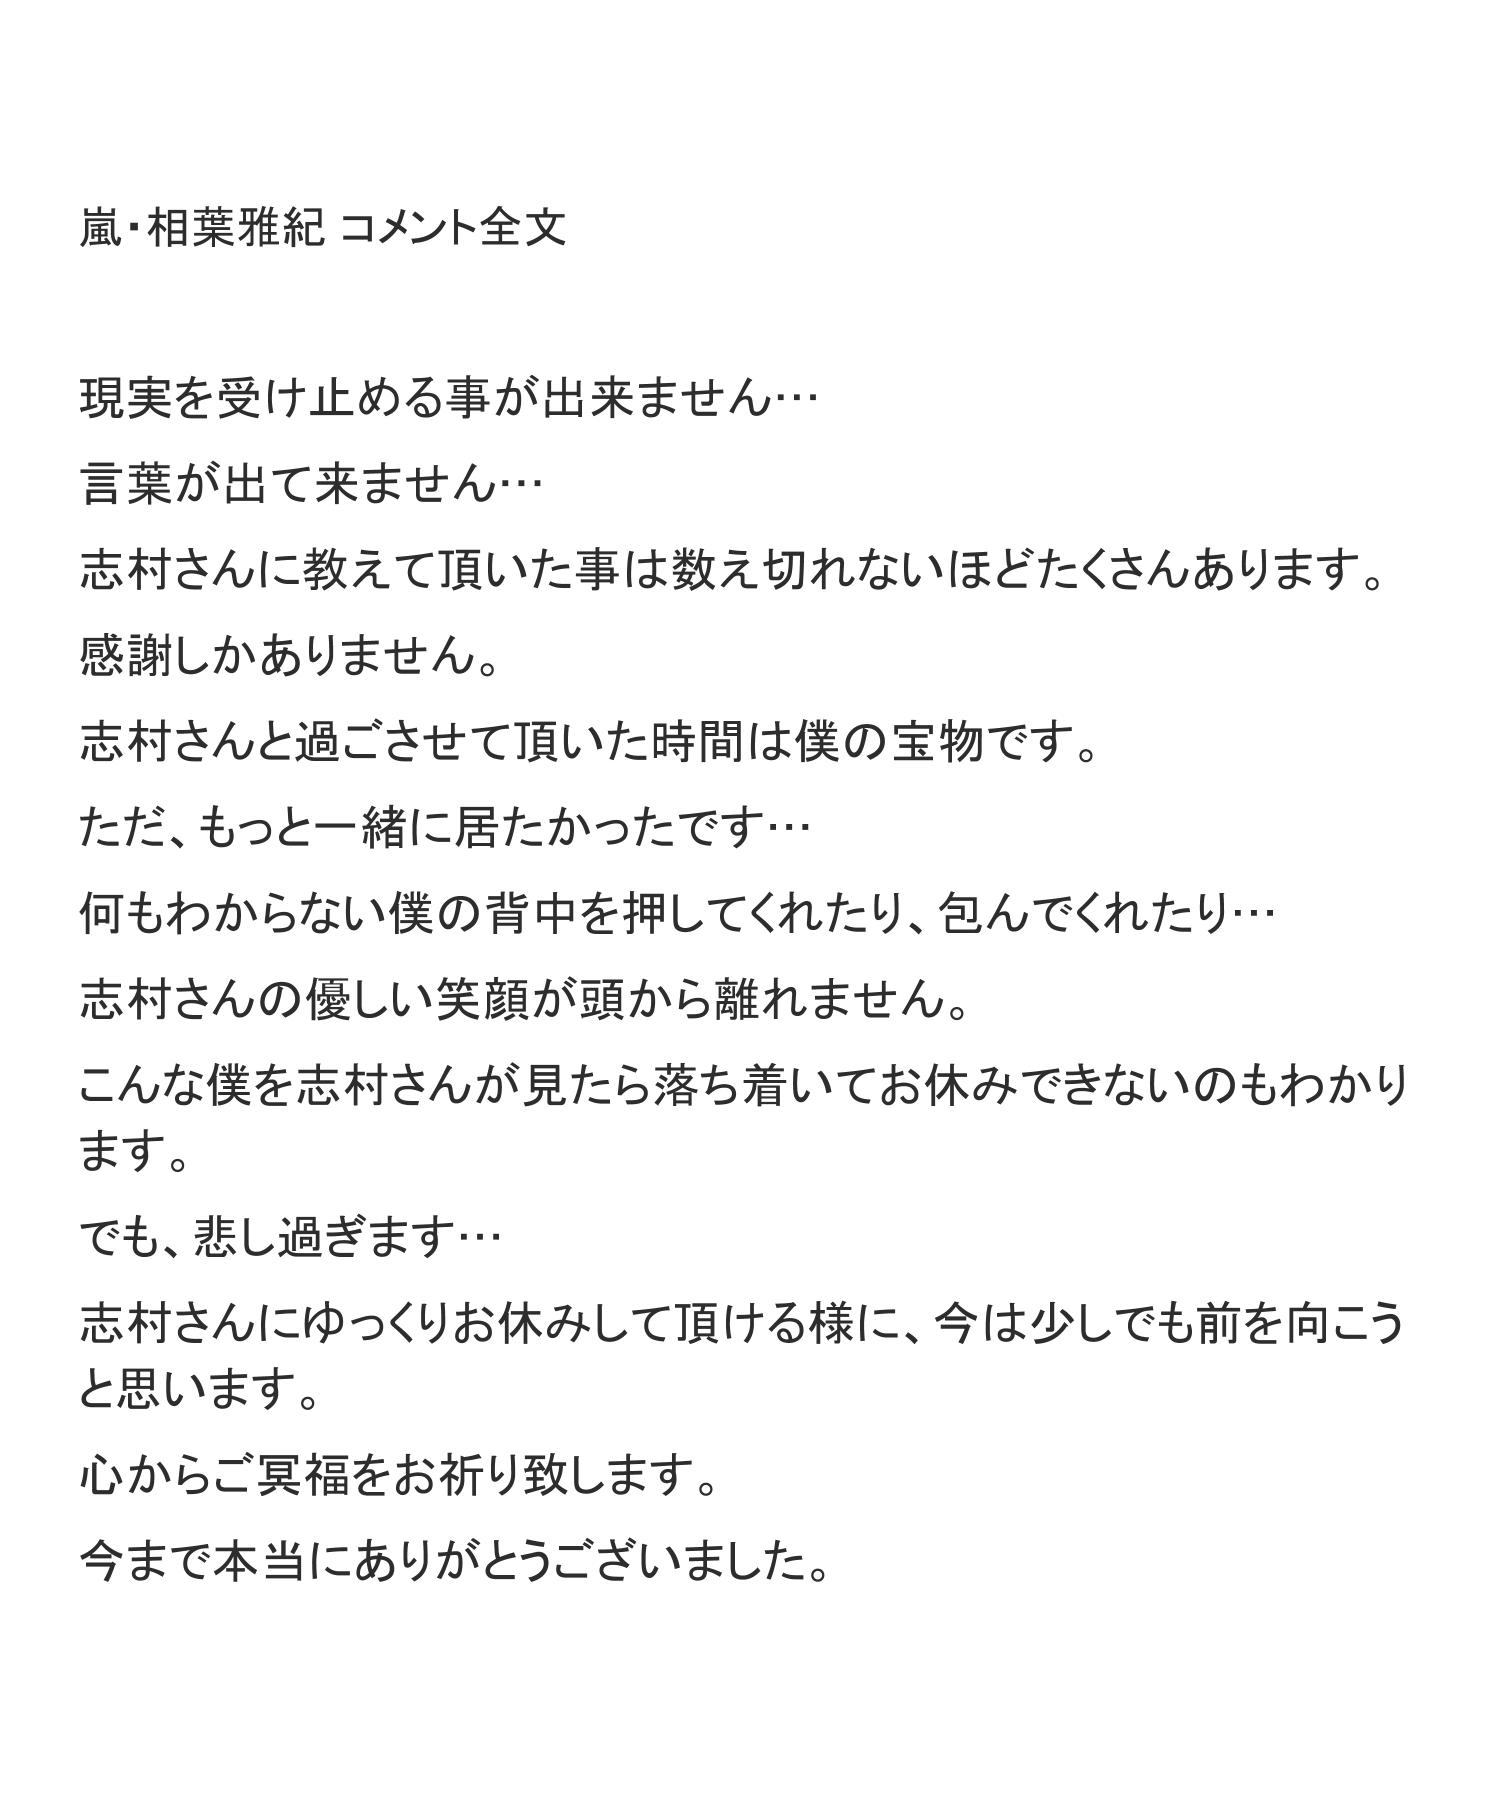 志村 けん 優香 コメント